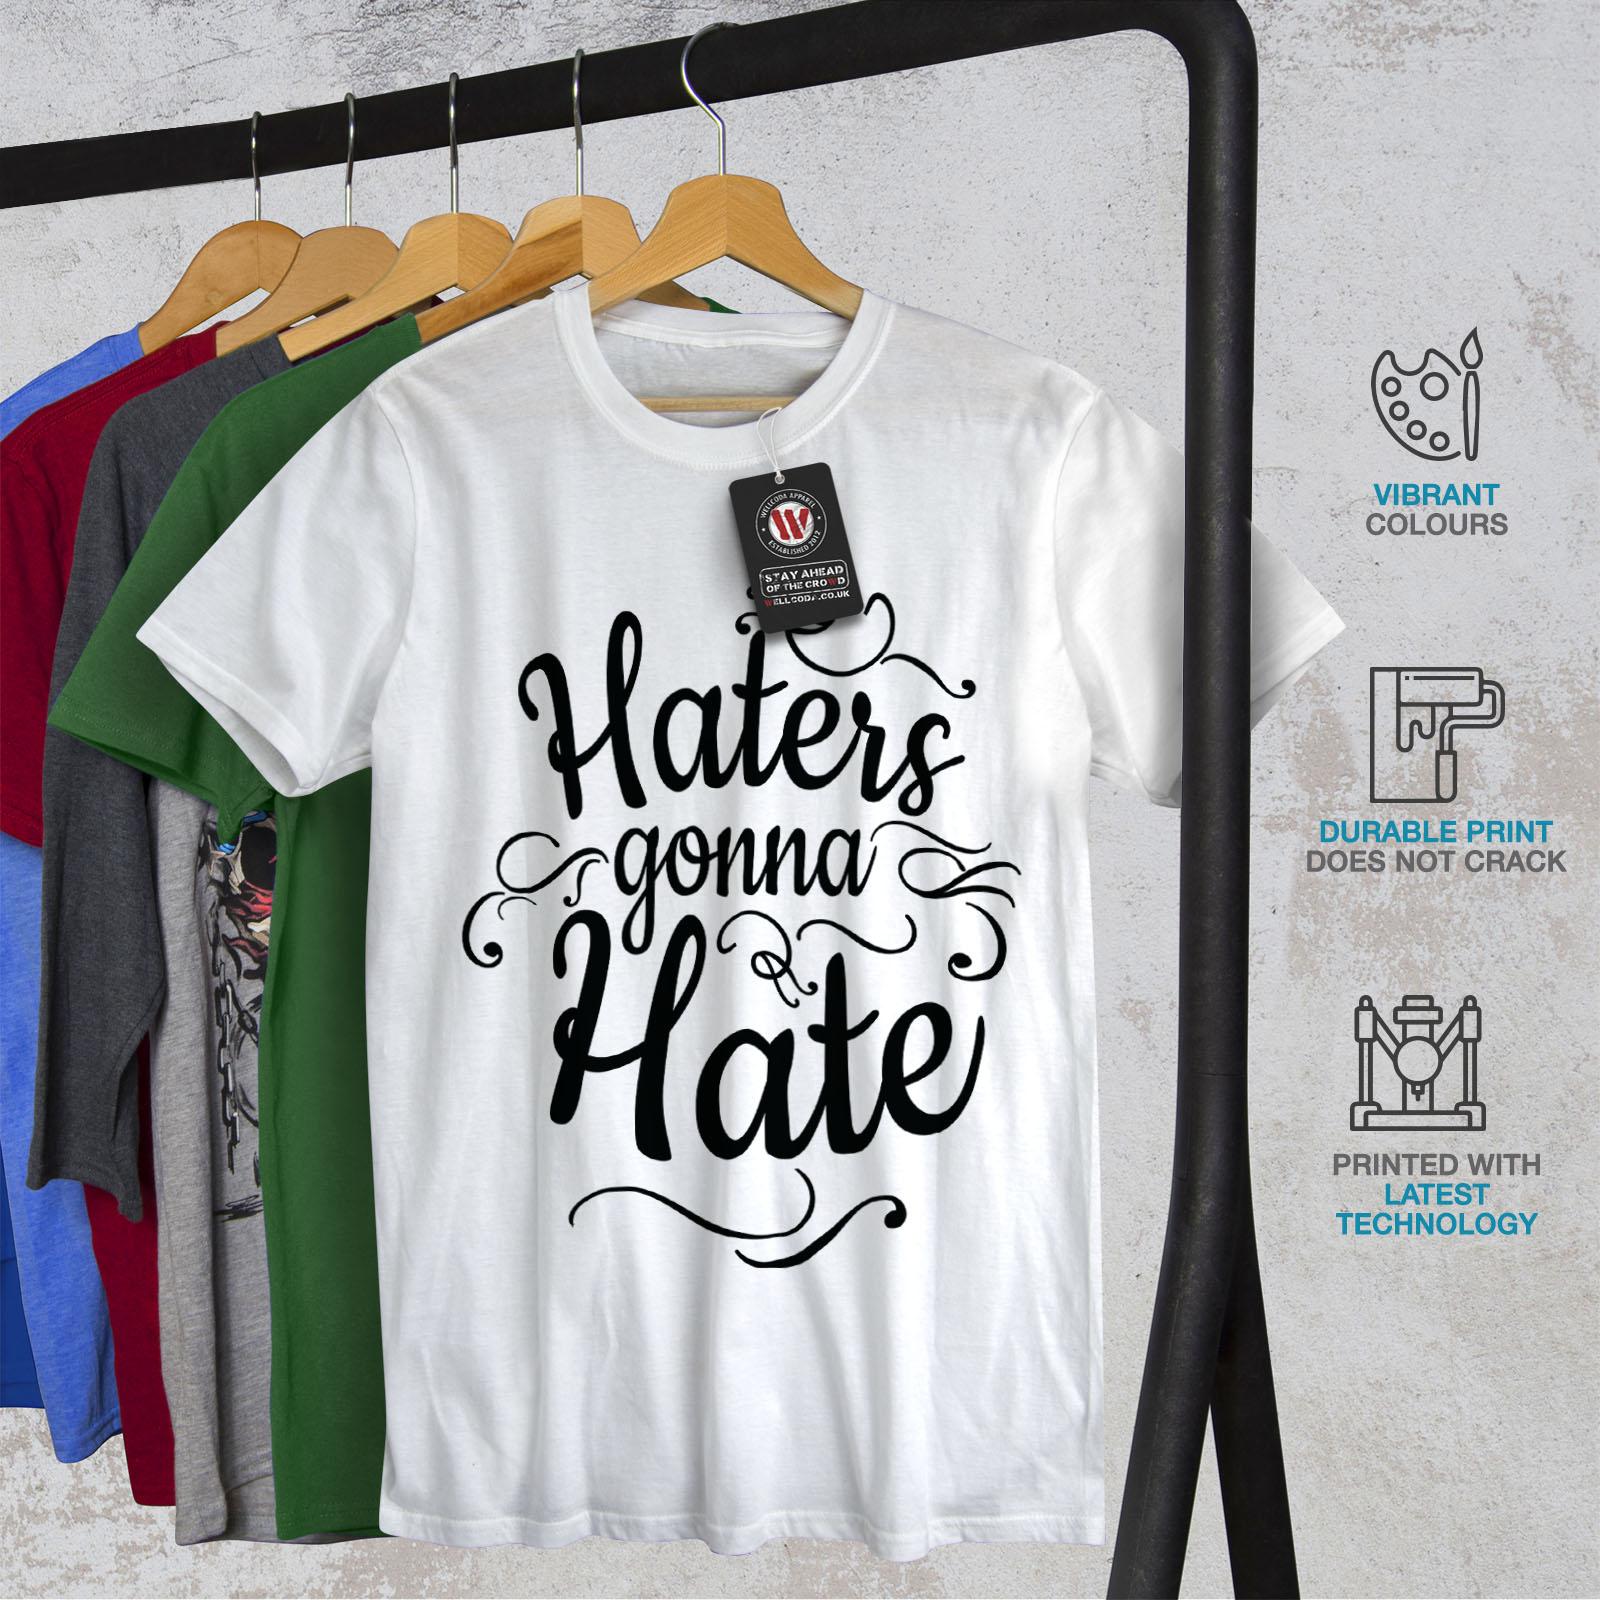 Wellcoda-Hasser-Gonna-Hate-Herren-T-Shirt-lustige-Grafikdesign-Printed-Tee Indexbild 12